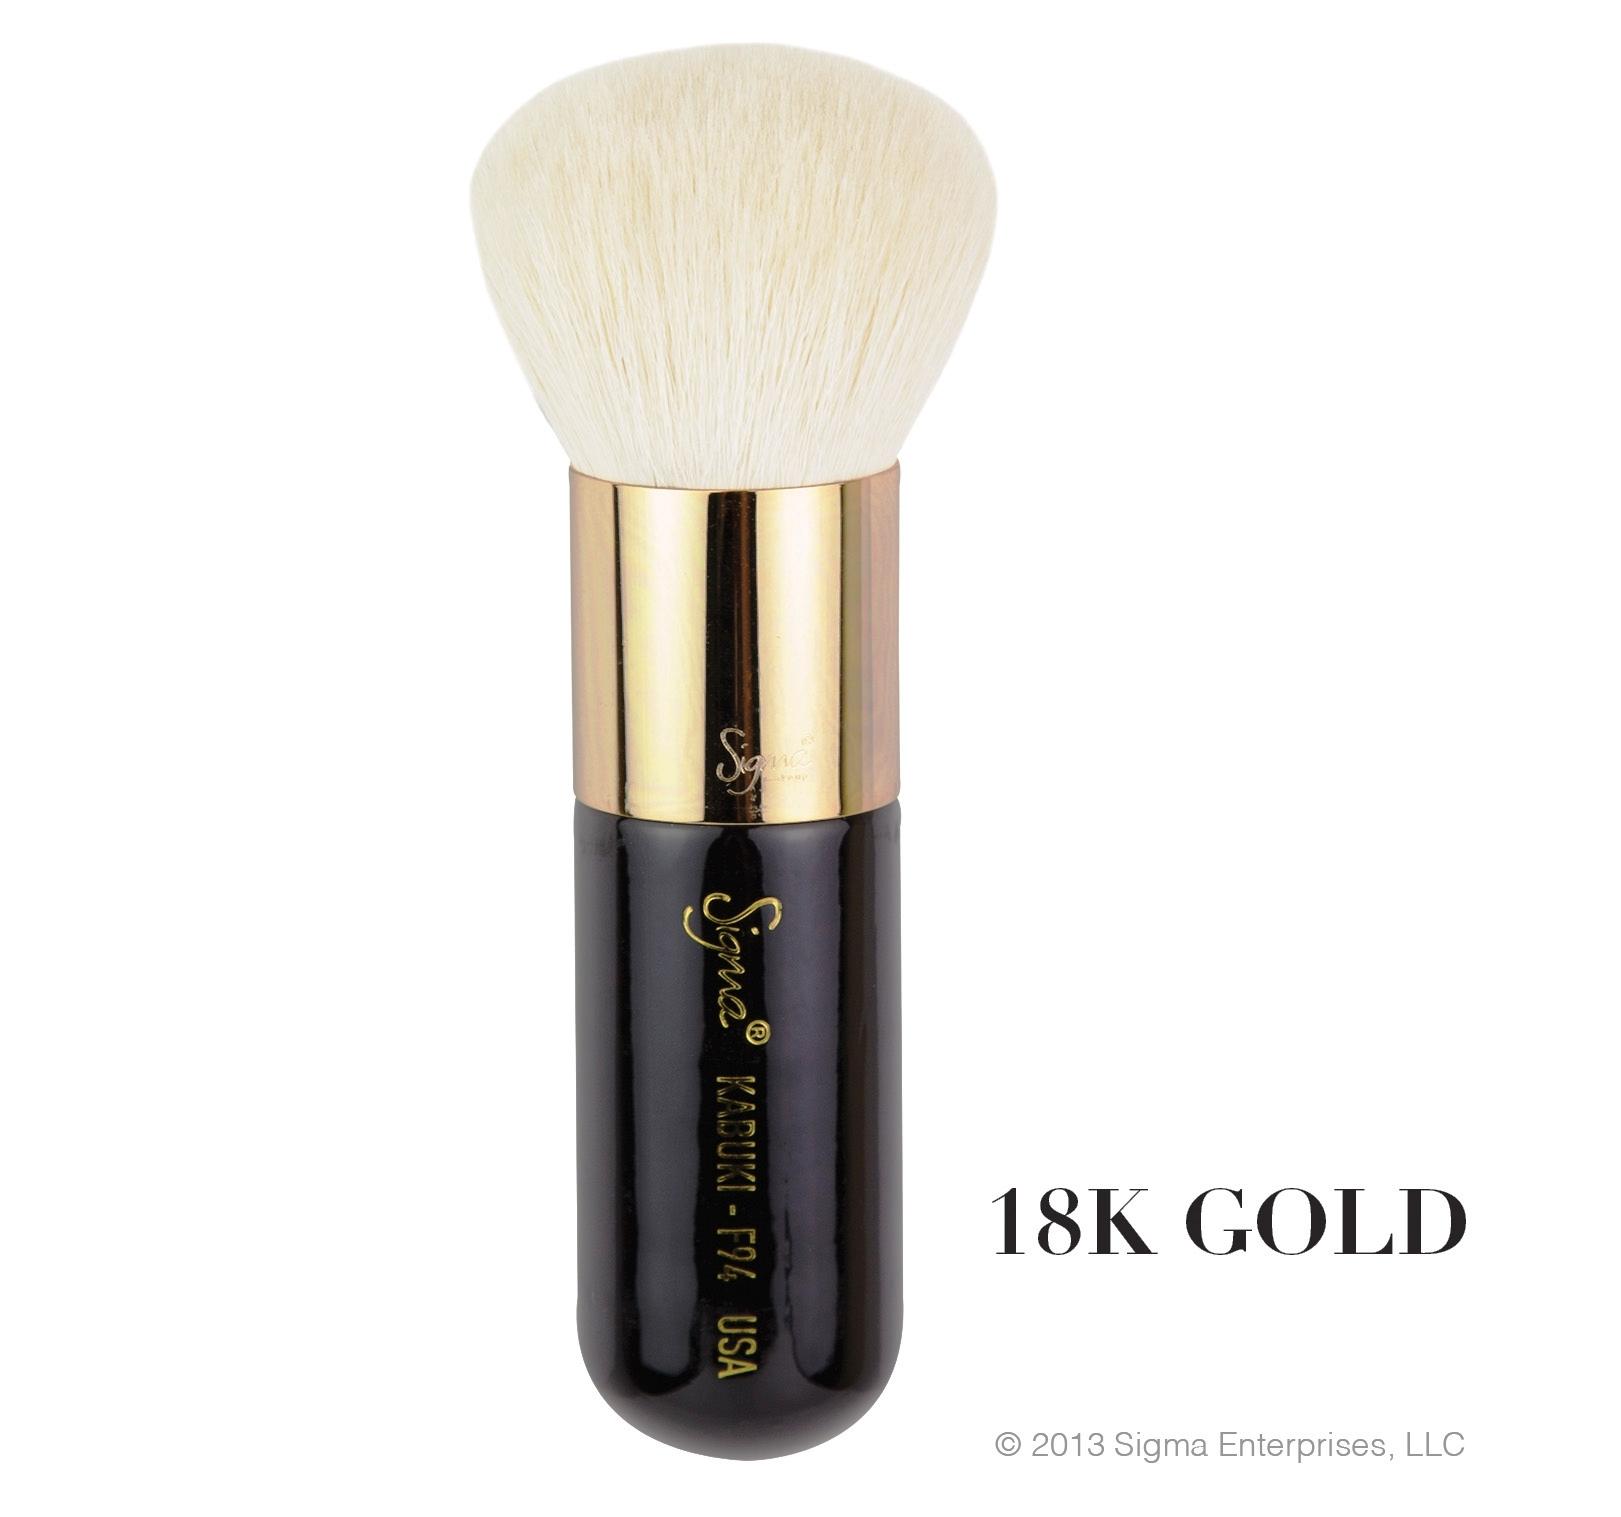 ลด 21 - 35 % SIGMA :: F94 - Kabuki แปรงปัดหน้าด้ามเงินและด้ามทองคำ 18K สุดหรู ออกแบบมาพิเศษเพื่อการแต่งหน้า พร้อมให้คุณได้สัมผัสการแต่งหน้าที่หรูหรา มีระดับ